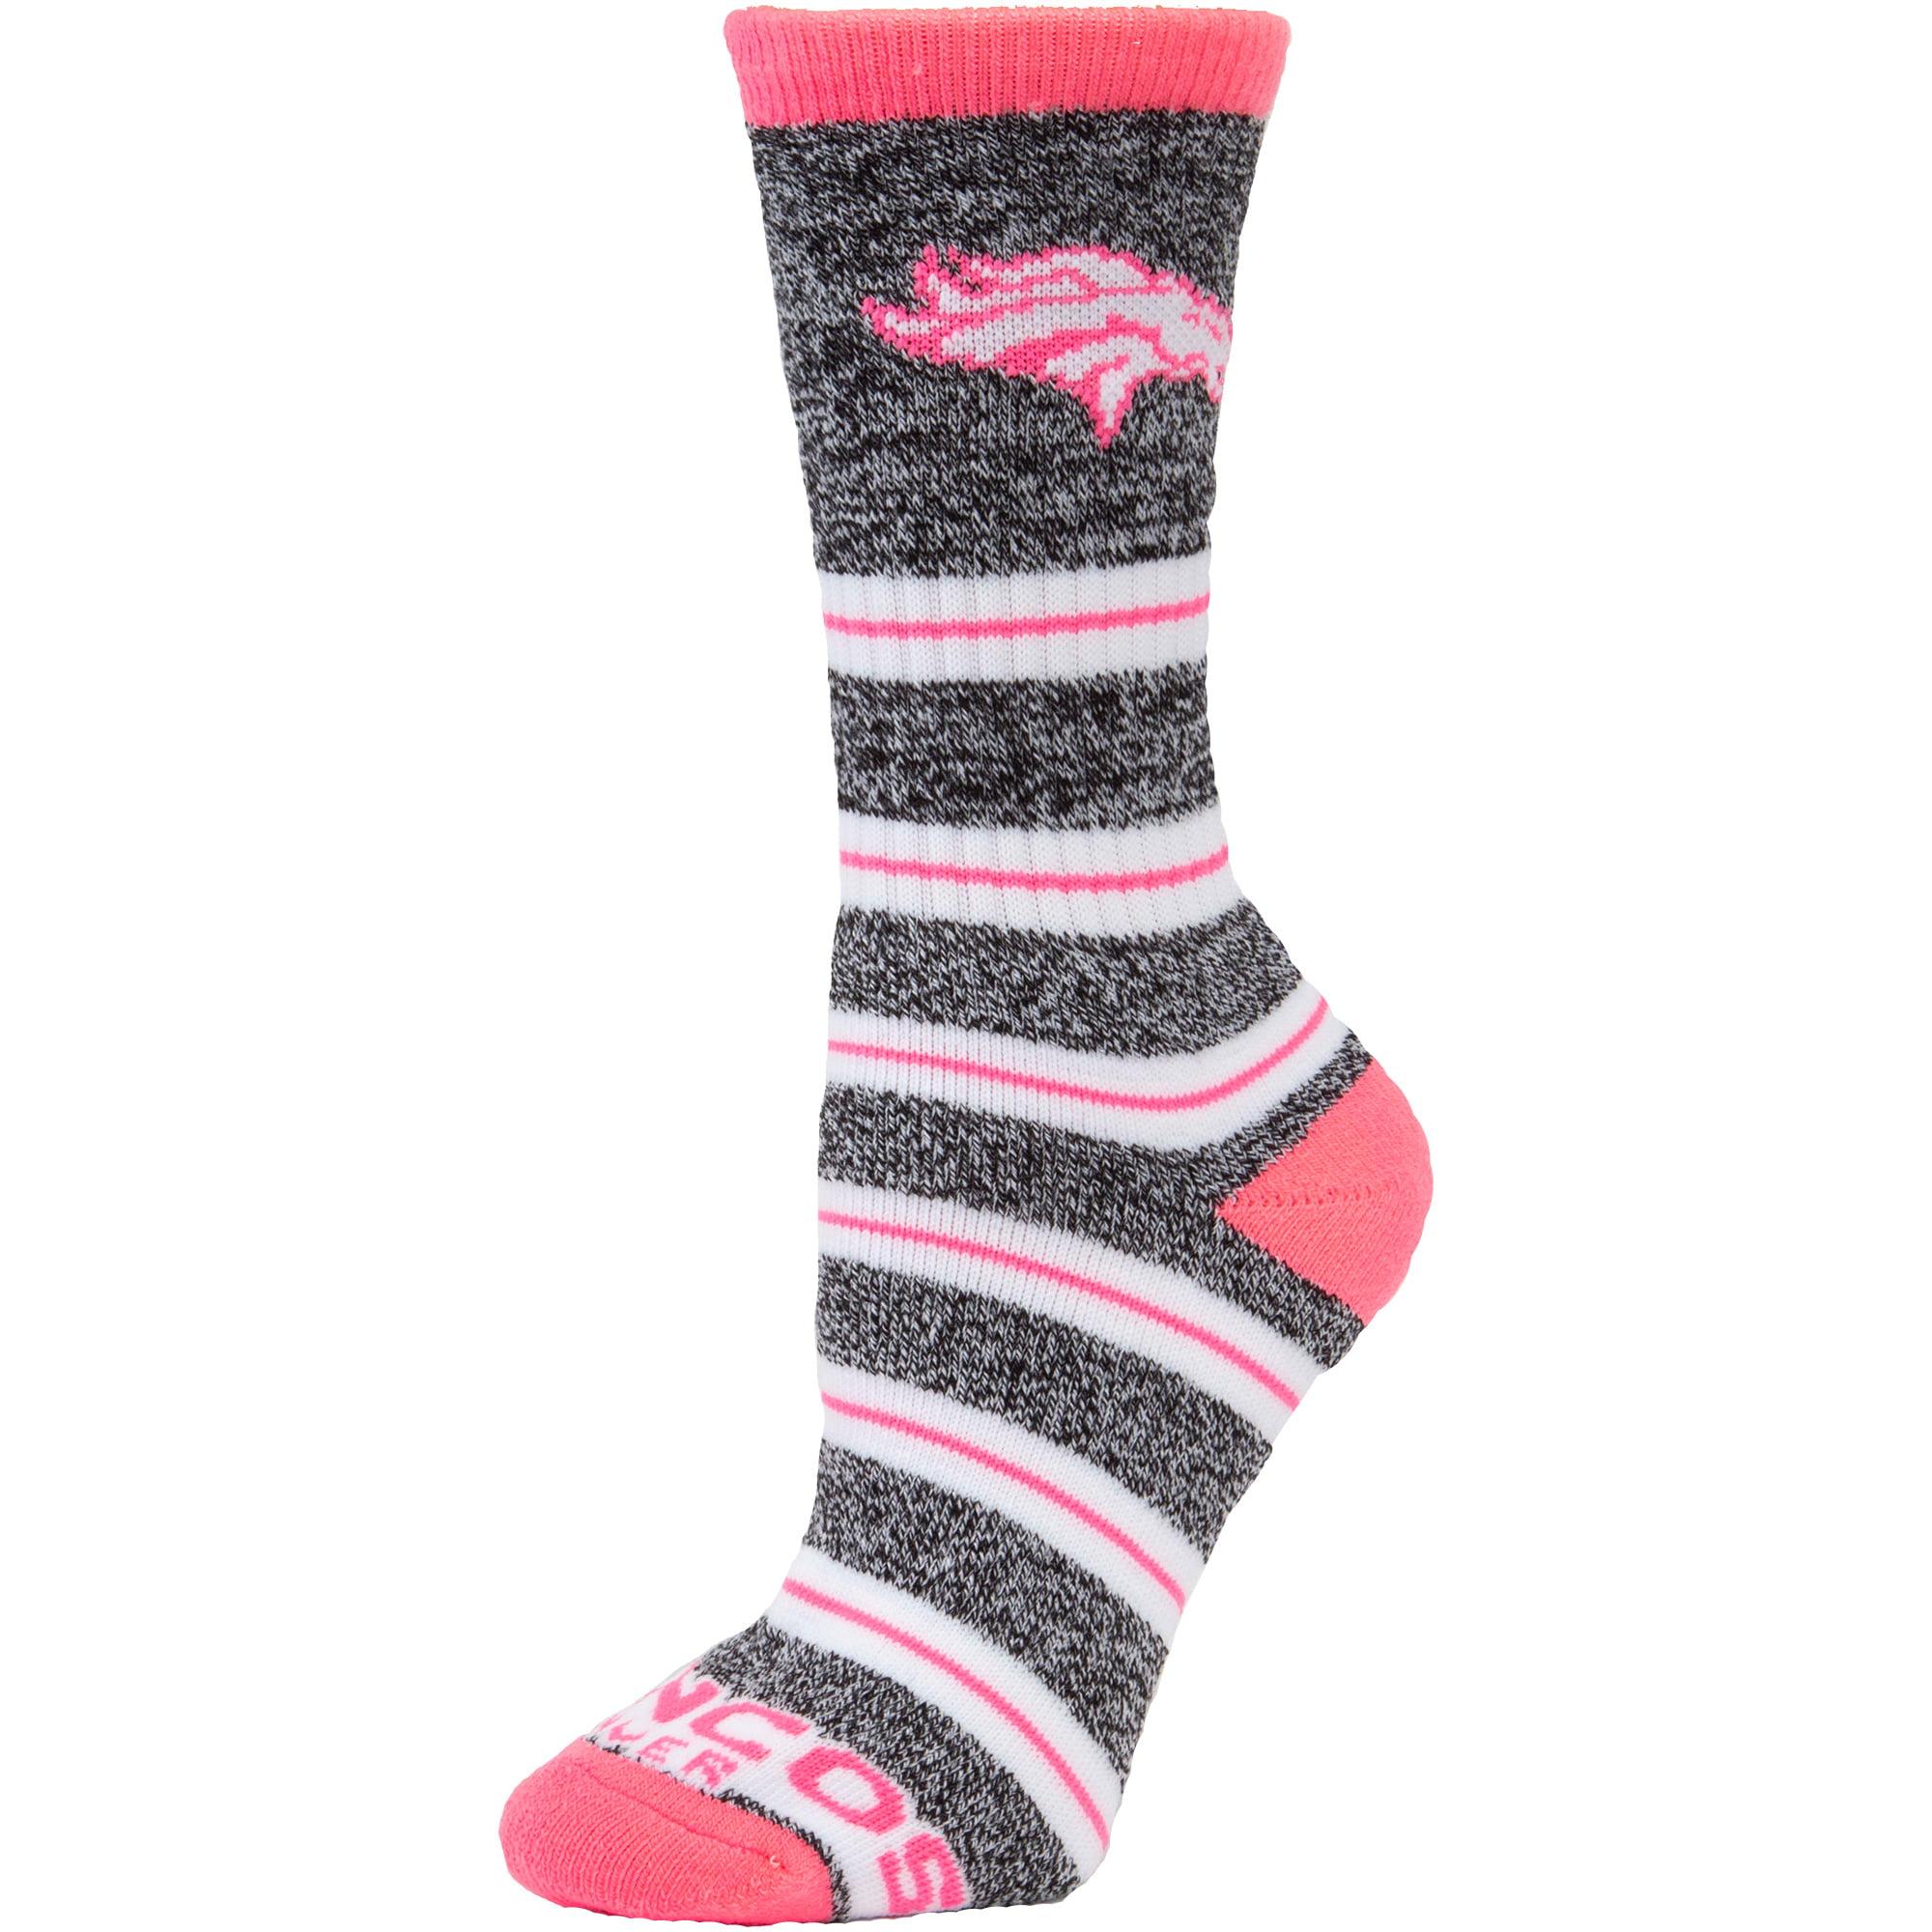 Denver Broncos For Bare Feet Women's Melange Stripe Socks - M